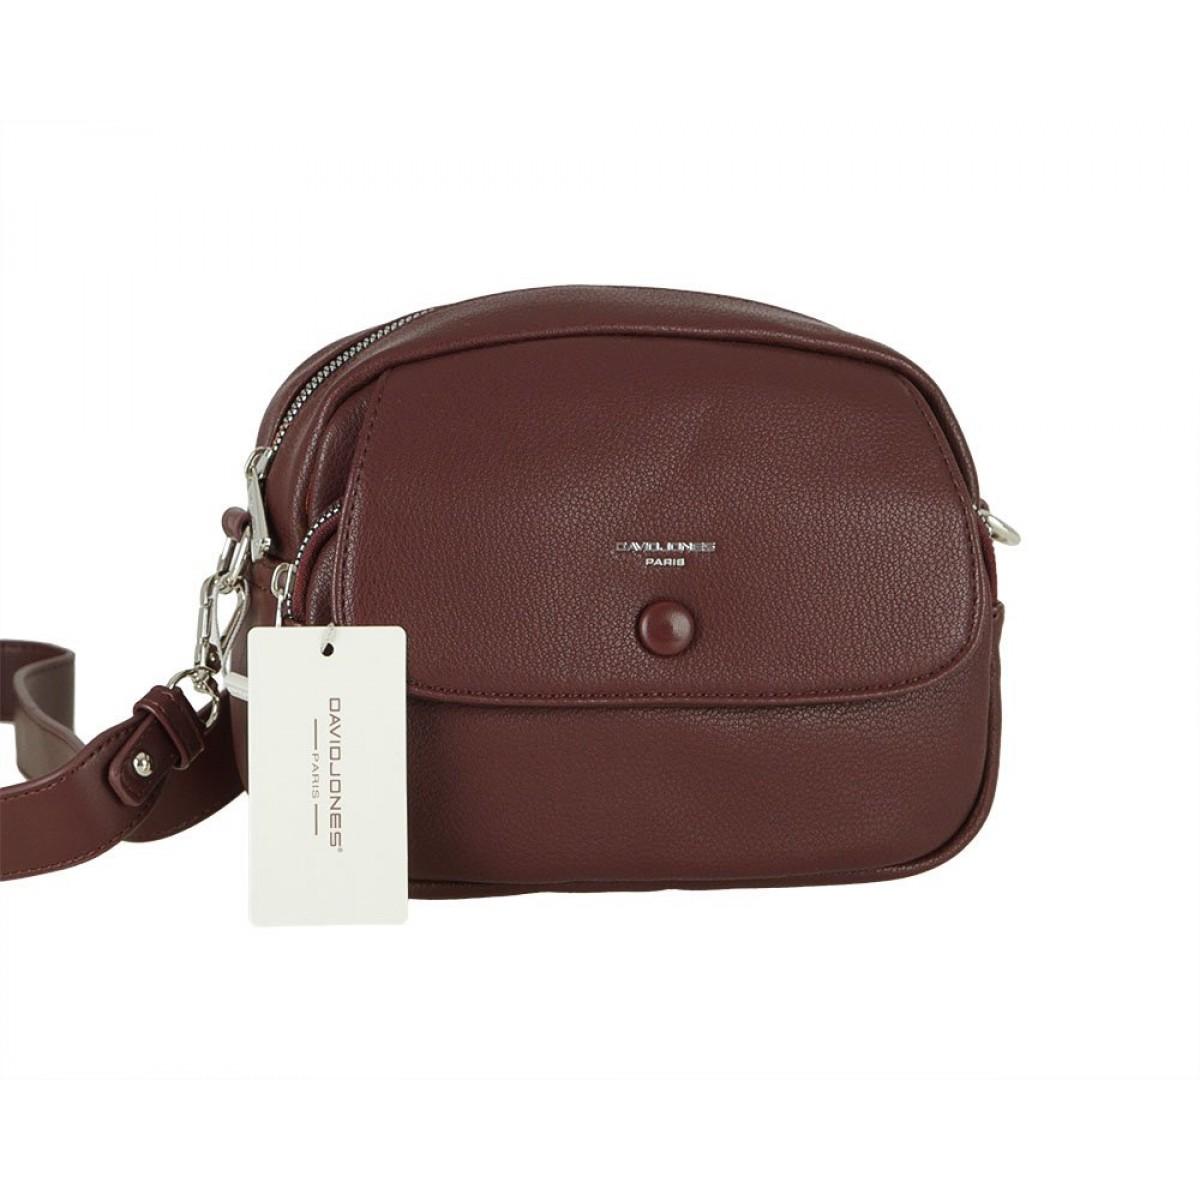 Жіноча сумка David Jones 6428-1 DARK BORDEAUX